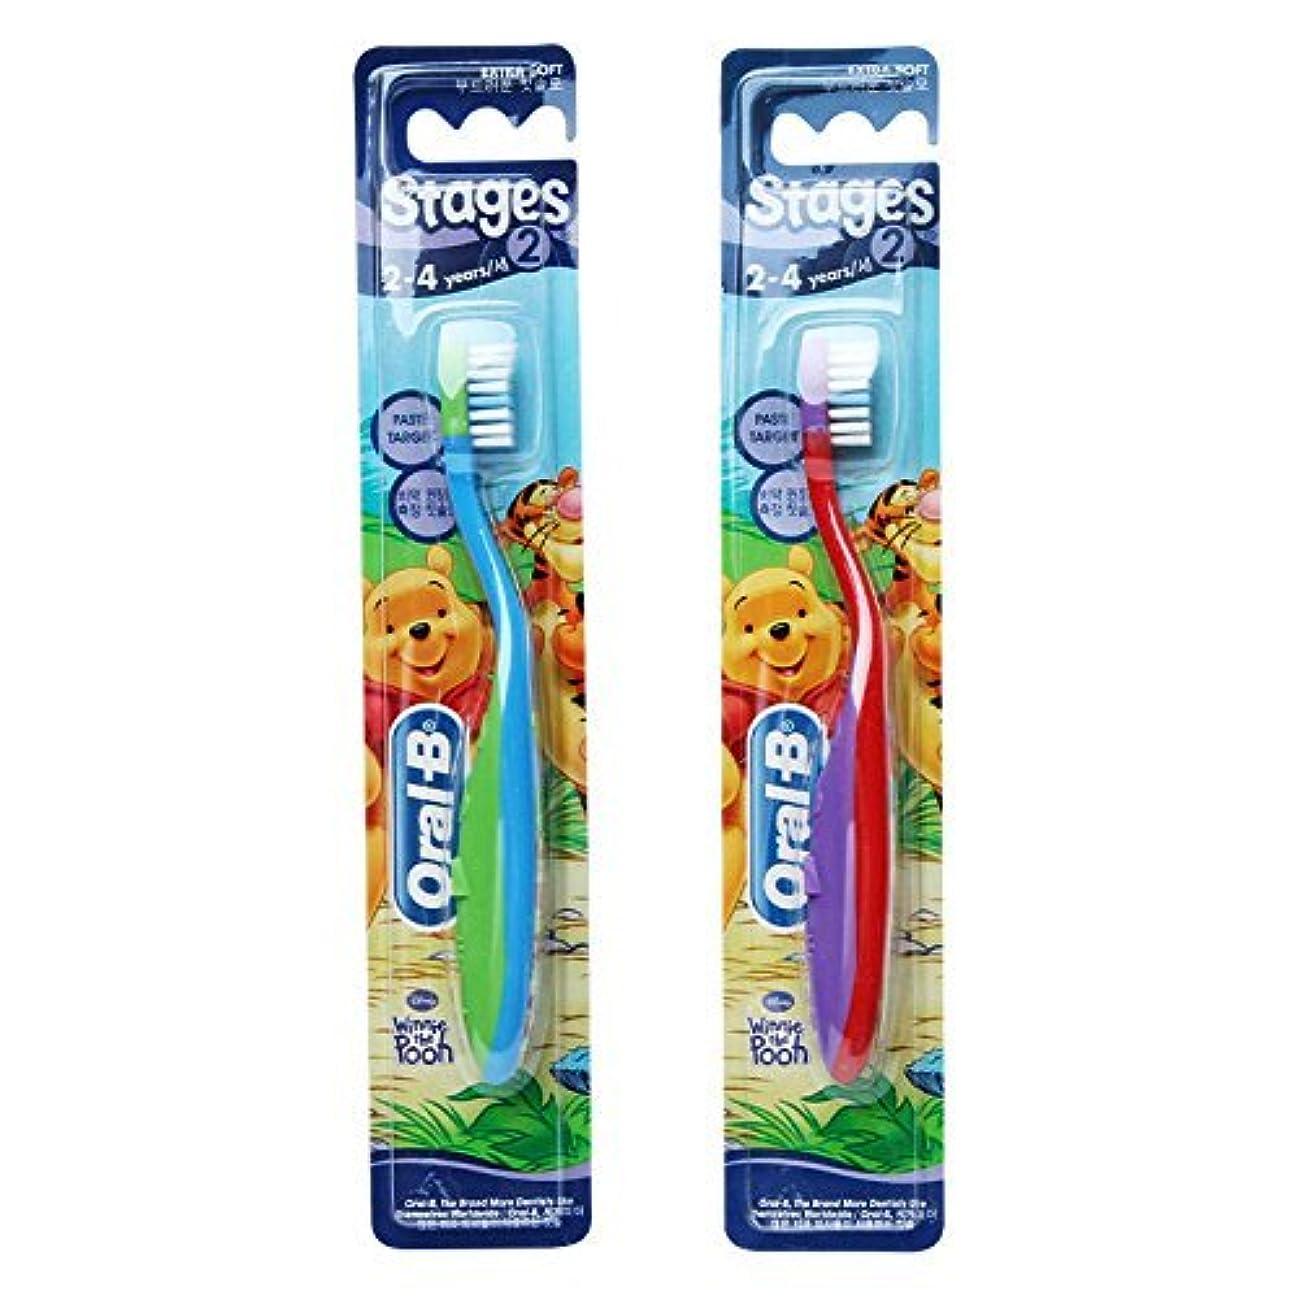 アイザックめ言葉磁石Oral-B Stages 2 Toothbrush 2 - 4 years 2 Pack /GENUINEと元の梱包 [並行輸入品]